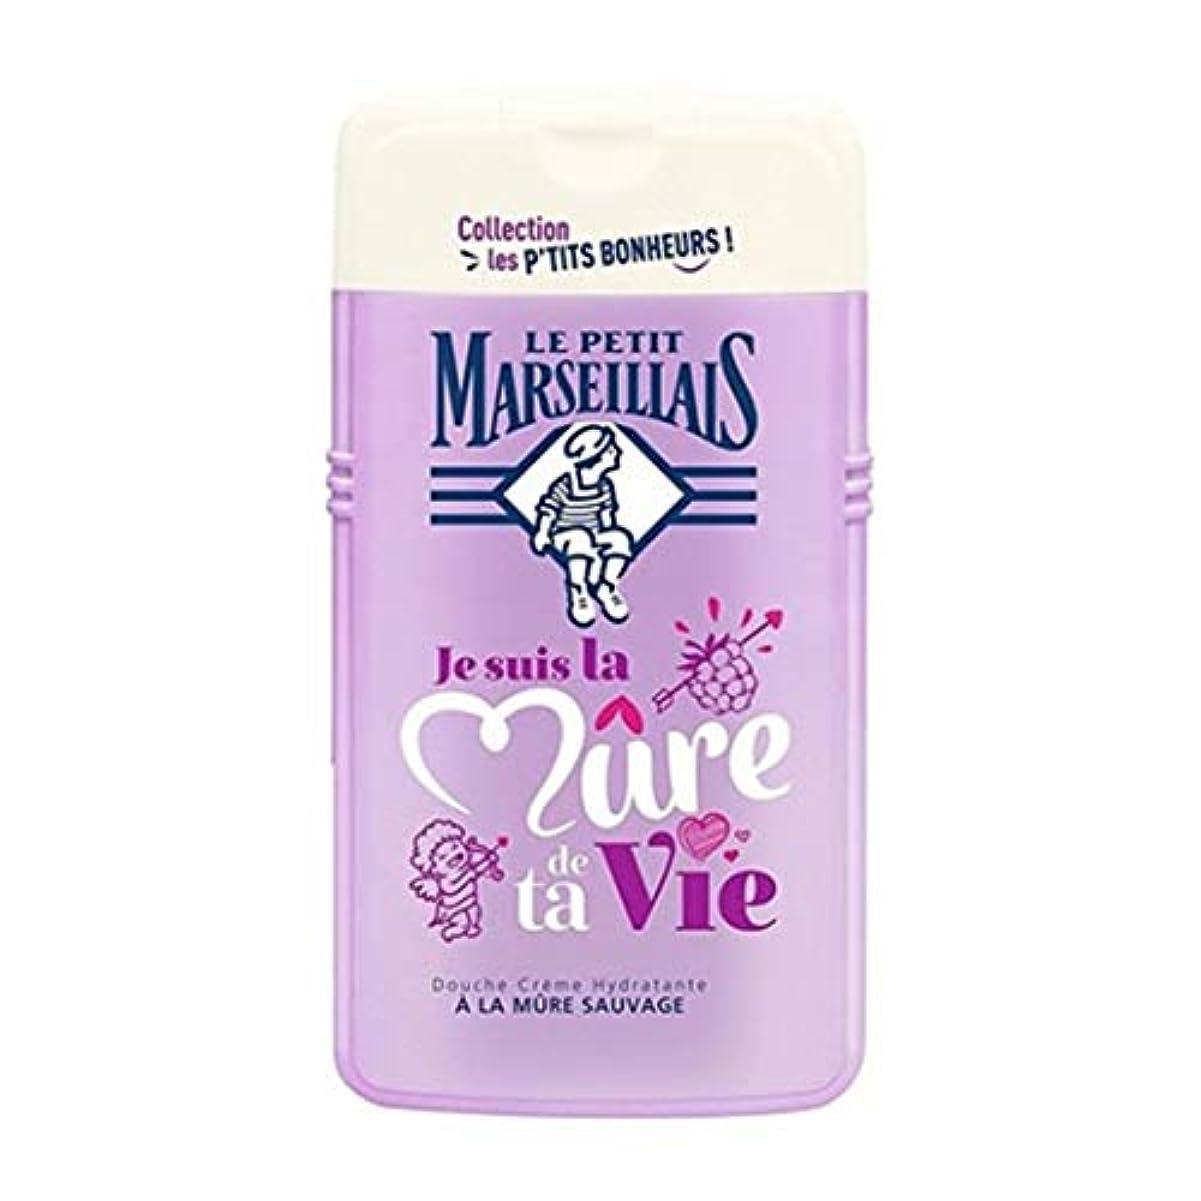 正確なそして理容室「ブラックベリー」シャワークリーム ???? フランスの「ル?プティ?マルセイユ (Le Petit Marseillais)」 les P'TITS BONHEURS 250ml ボディウォッシュ